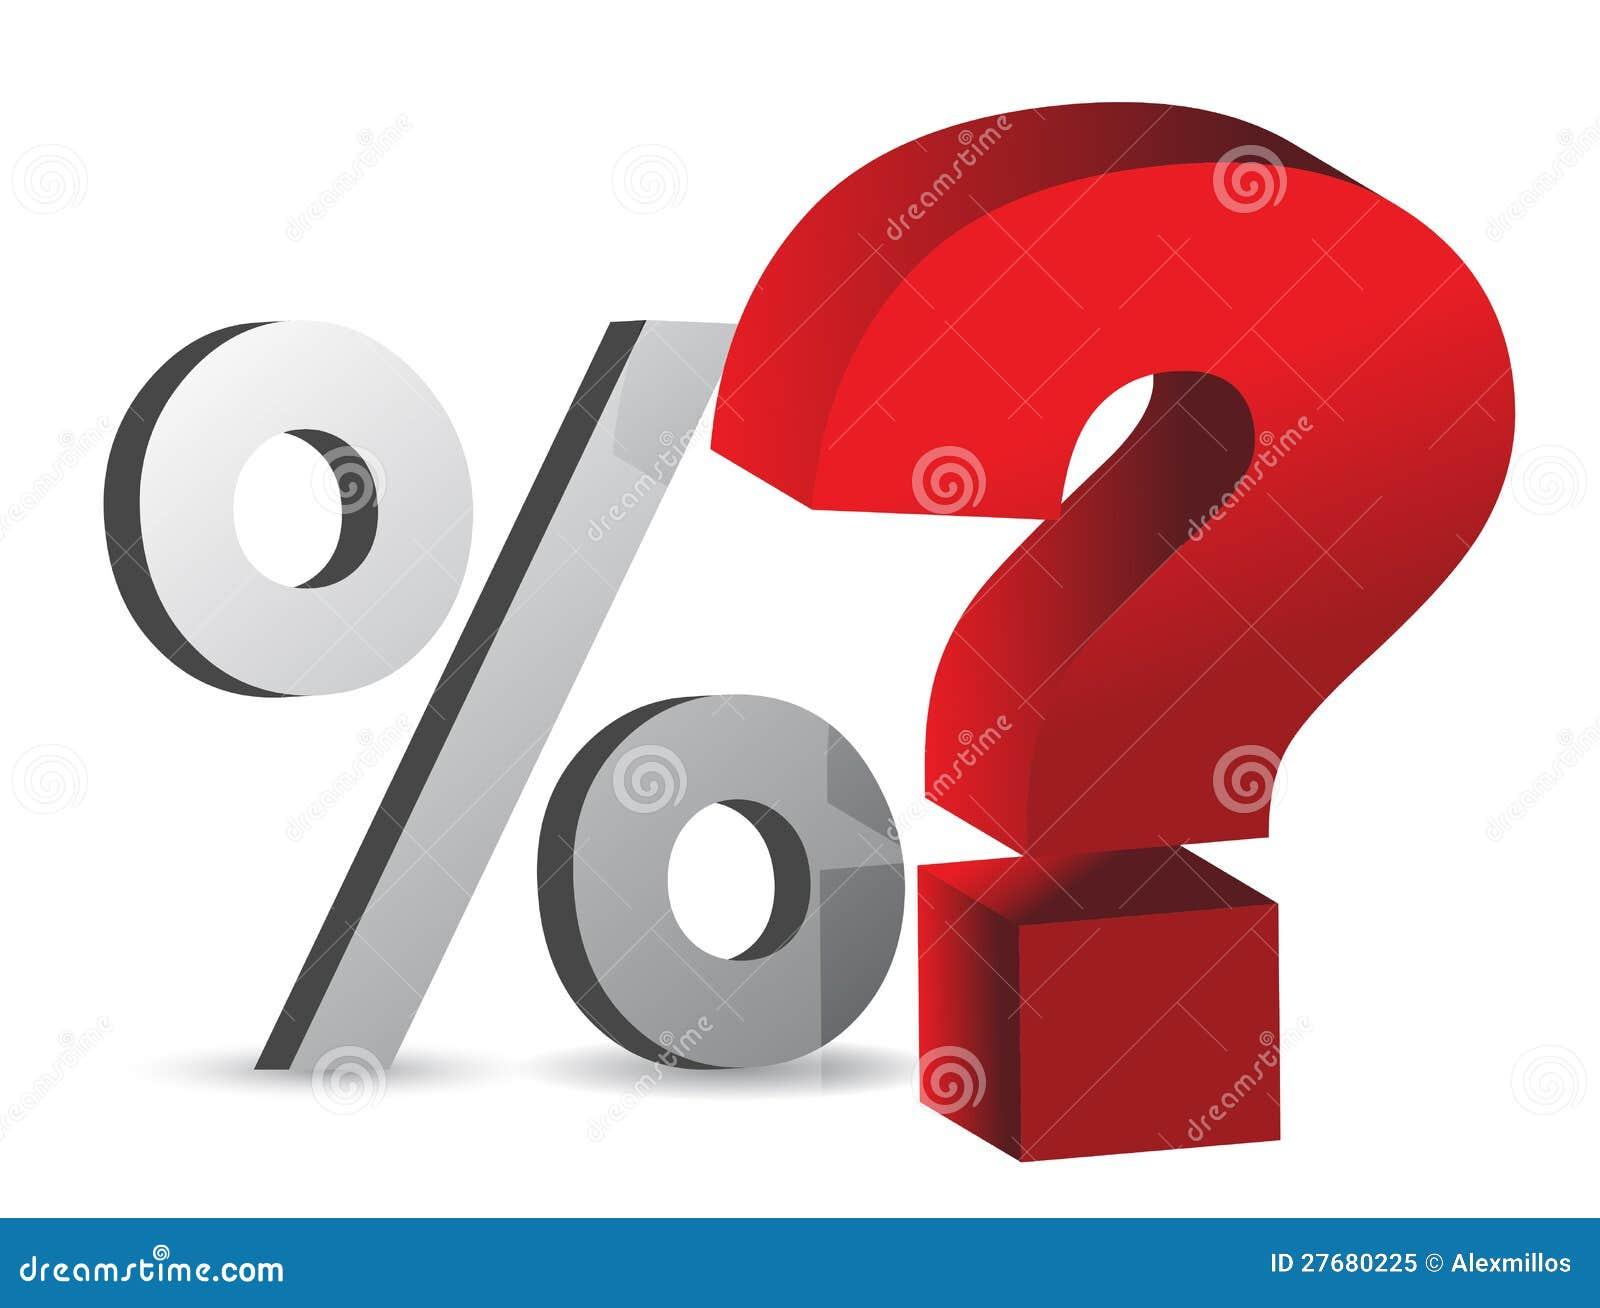 Der Explosionswert entspricht einem Prozentsatz des Diagrammradius. The explosion value is equal to a percentage of the chart's radius. Diese Verkaufsprovision wird als Prozentsatz .